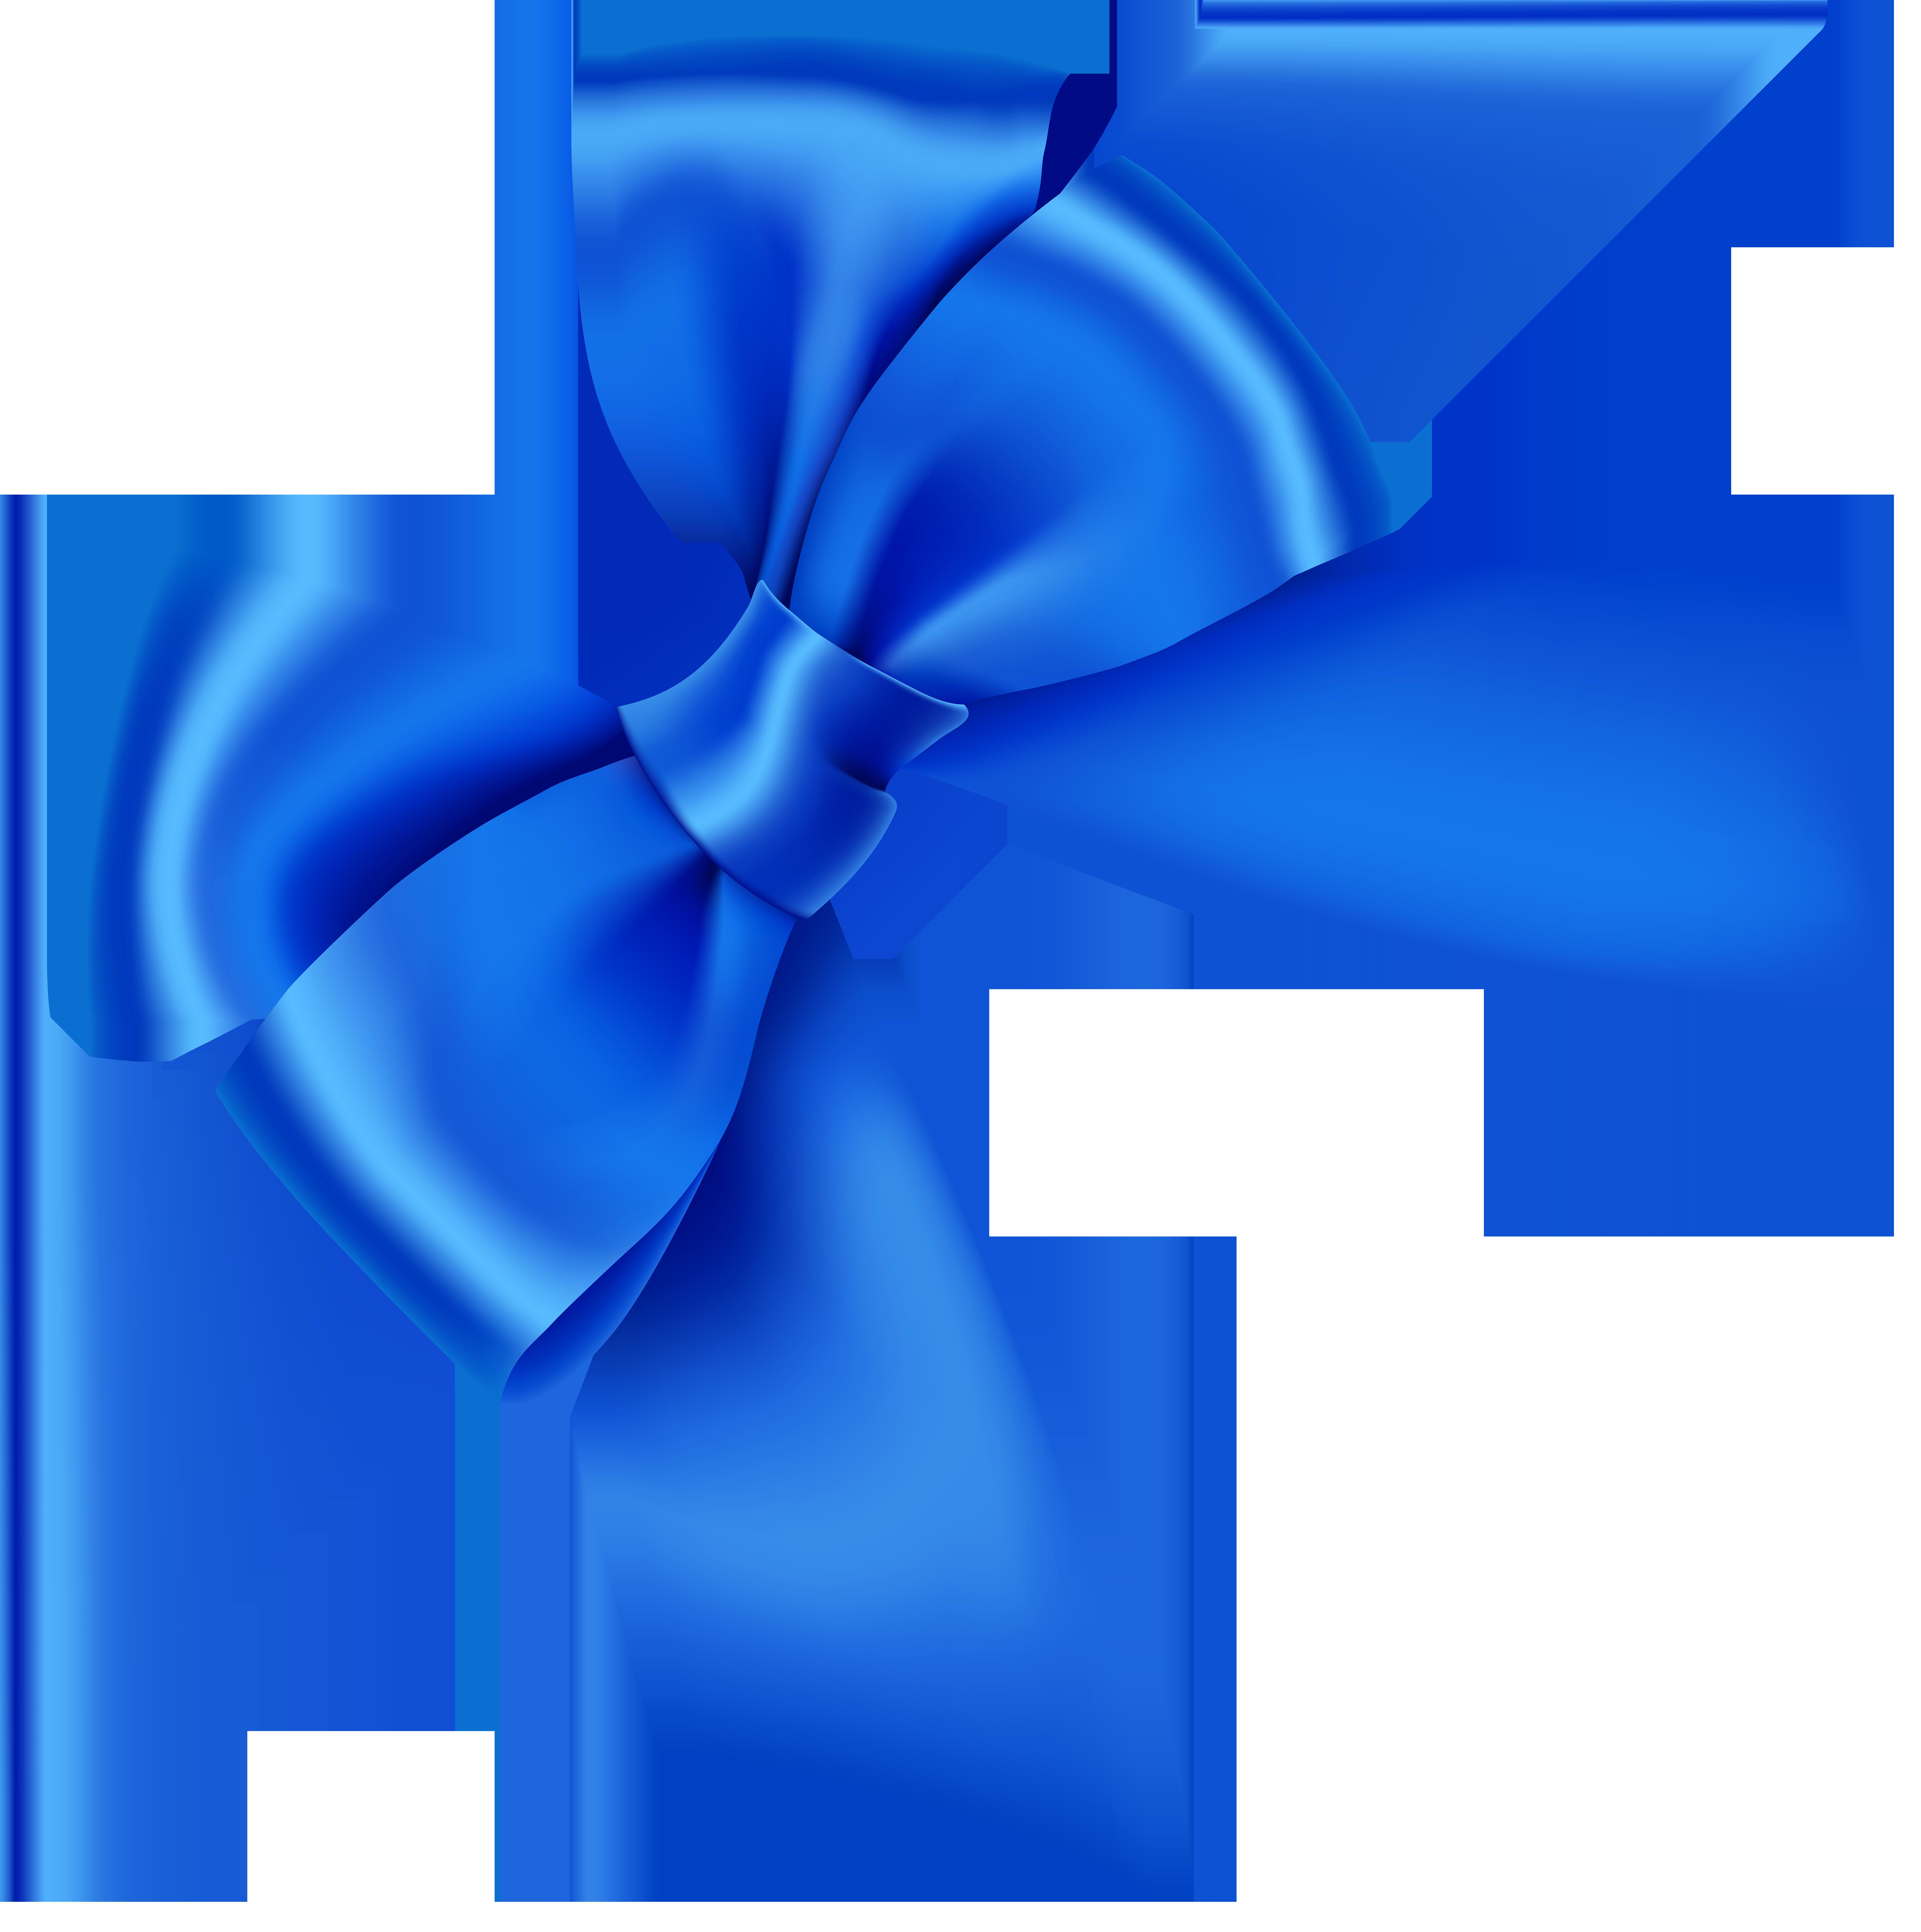 Blue ribbon clip art. Clipart bow necktie